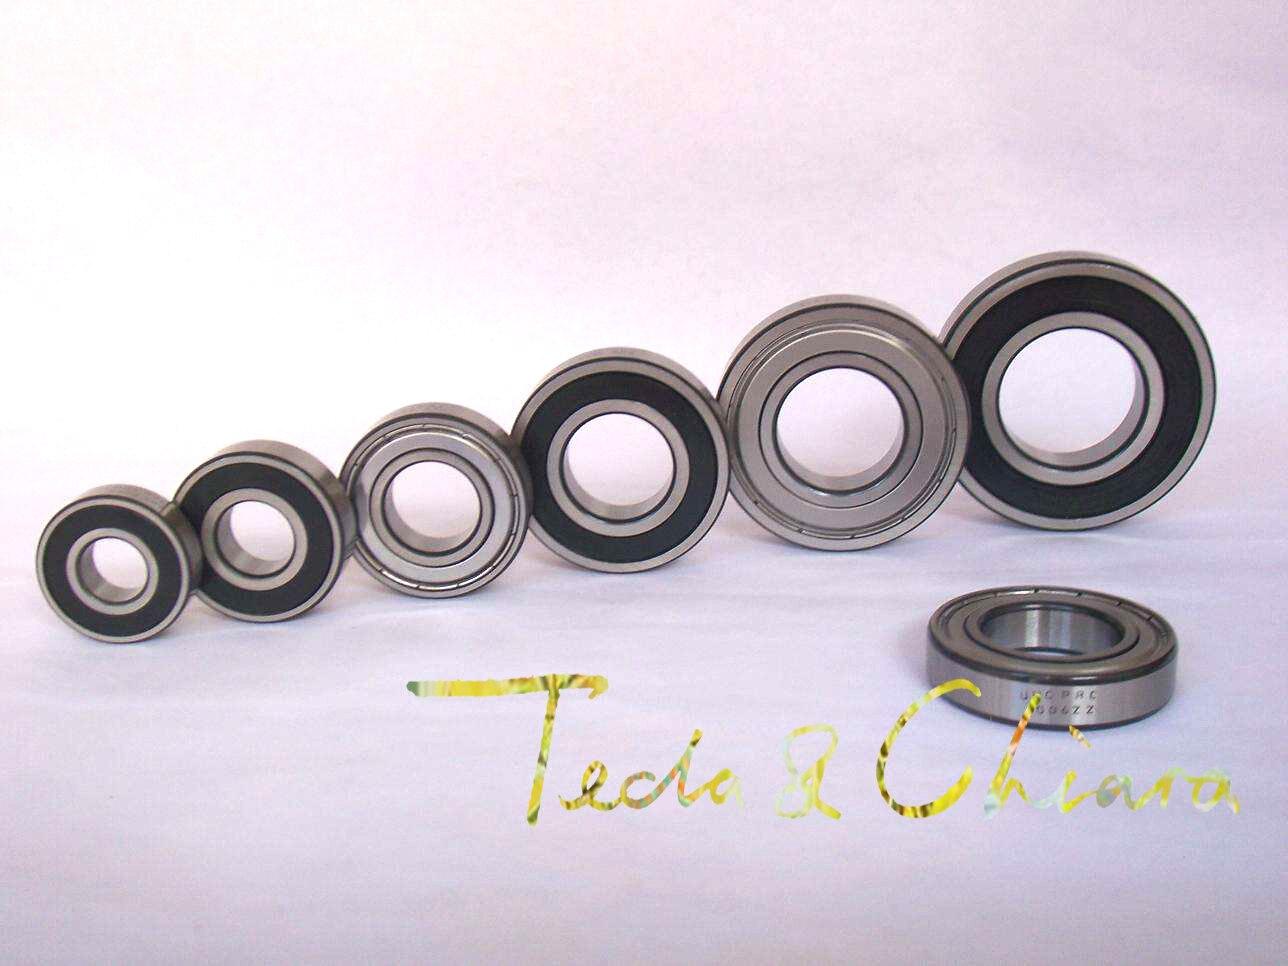 все цены на MR74 674ZZ 674RS MR74ZZ MR74RS MR74-2Z MR74Z MR74-2RS 674 674Z ZZ RS RZ 2RZ Deep Groove Ball Bearings 4 x 7 x 2.5mm High Quality онлайн